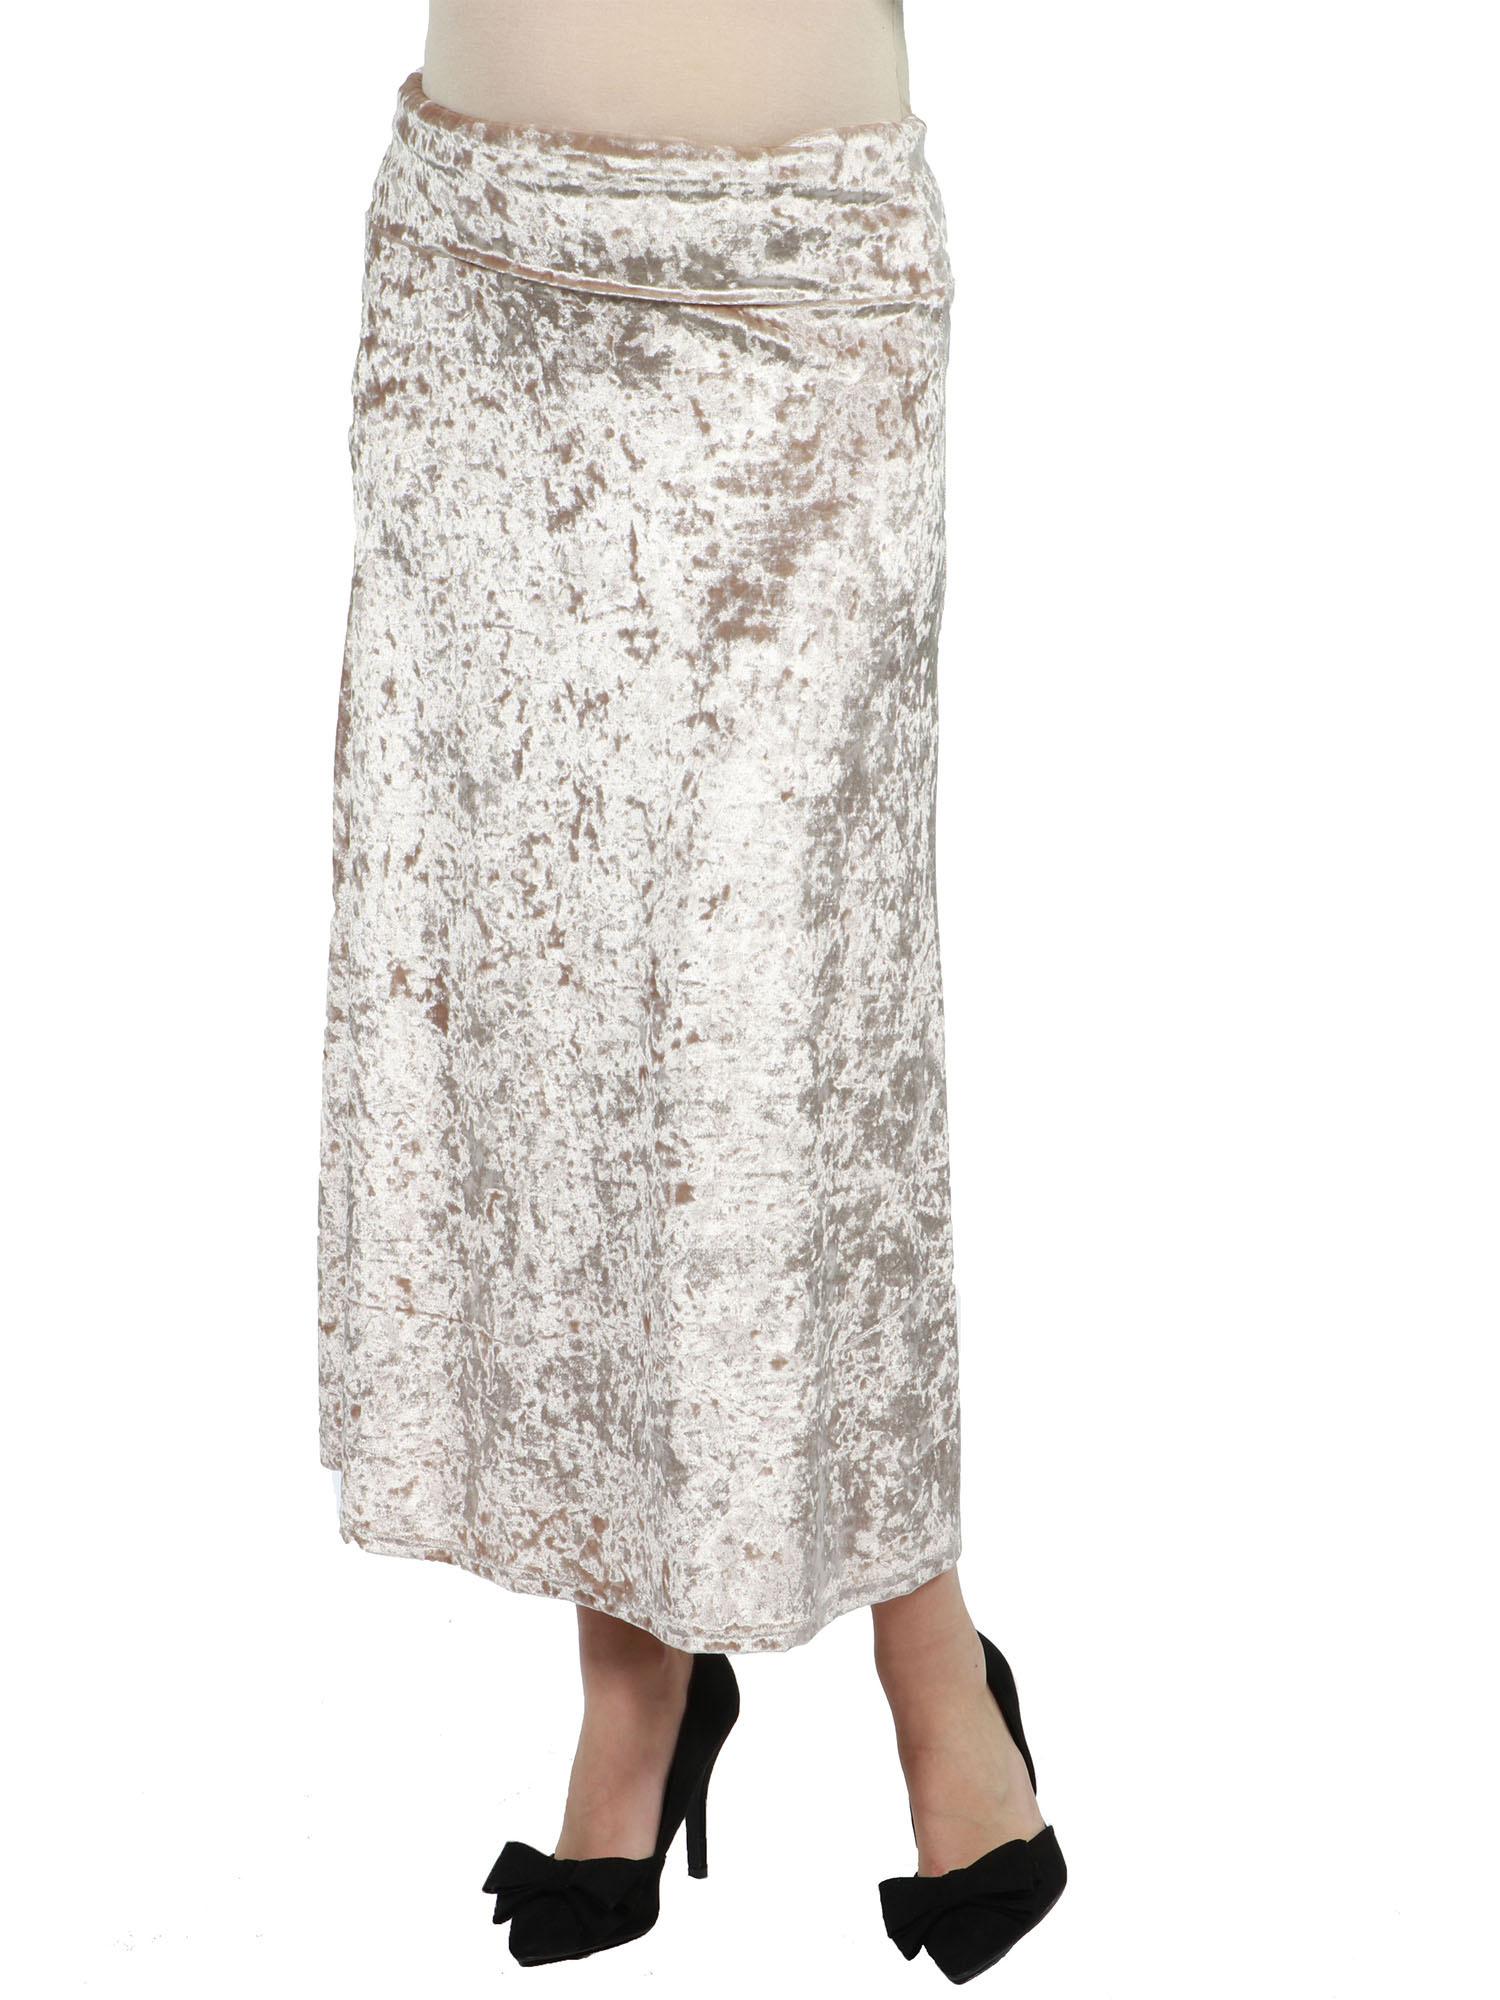 Jazz Velvet Maternity Skirt by 24/7 Comfort Apparel